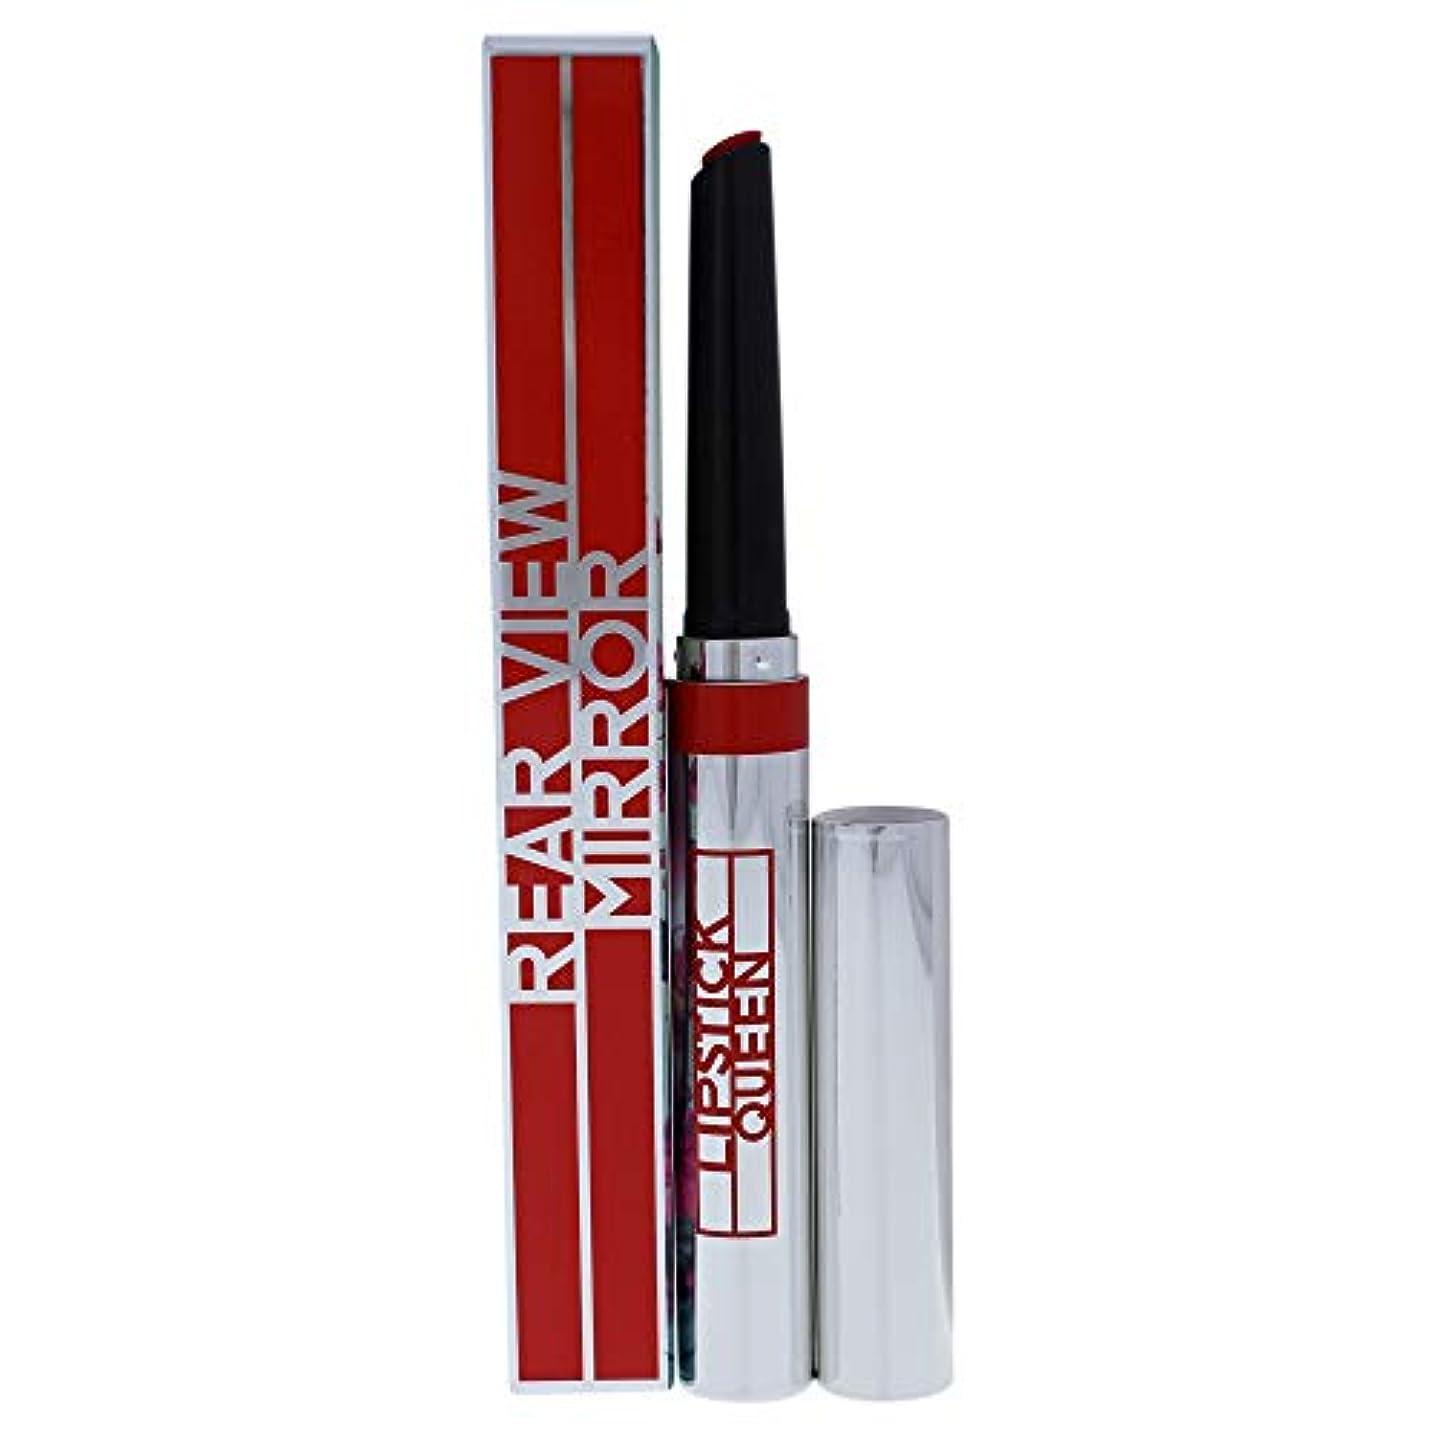 賠償鎮痛剤指定するリップスティック クィーン Rear View Mirror Lip Lacquer - # Fast Car Coral (A Vibrant Ruby Red) 1.3g/0.04oz並行輸入品